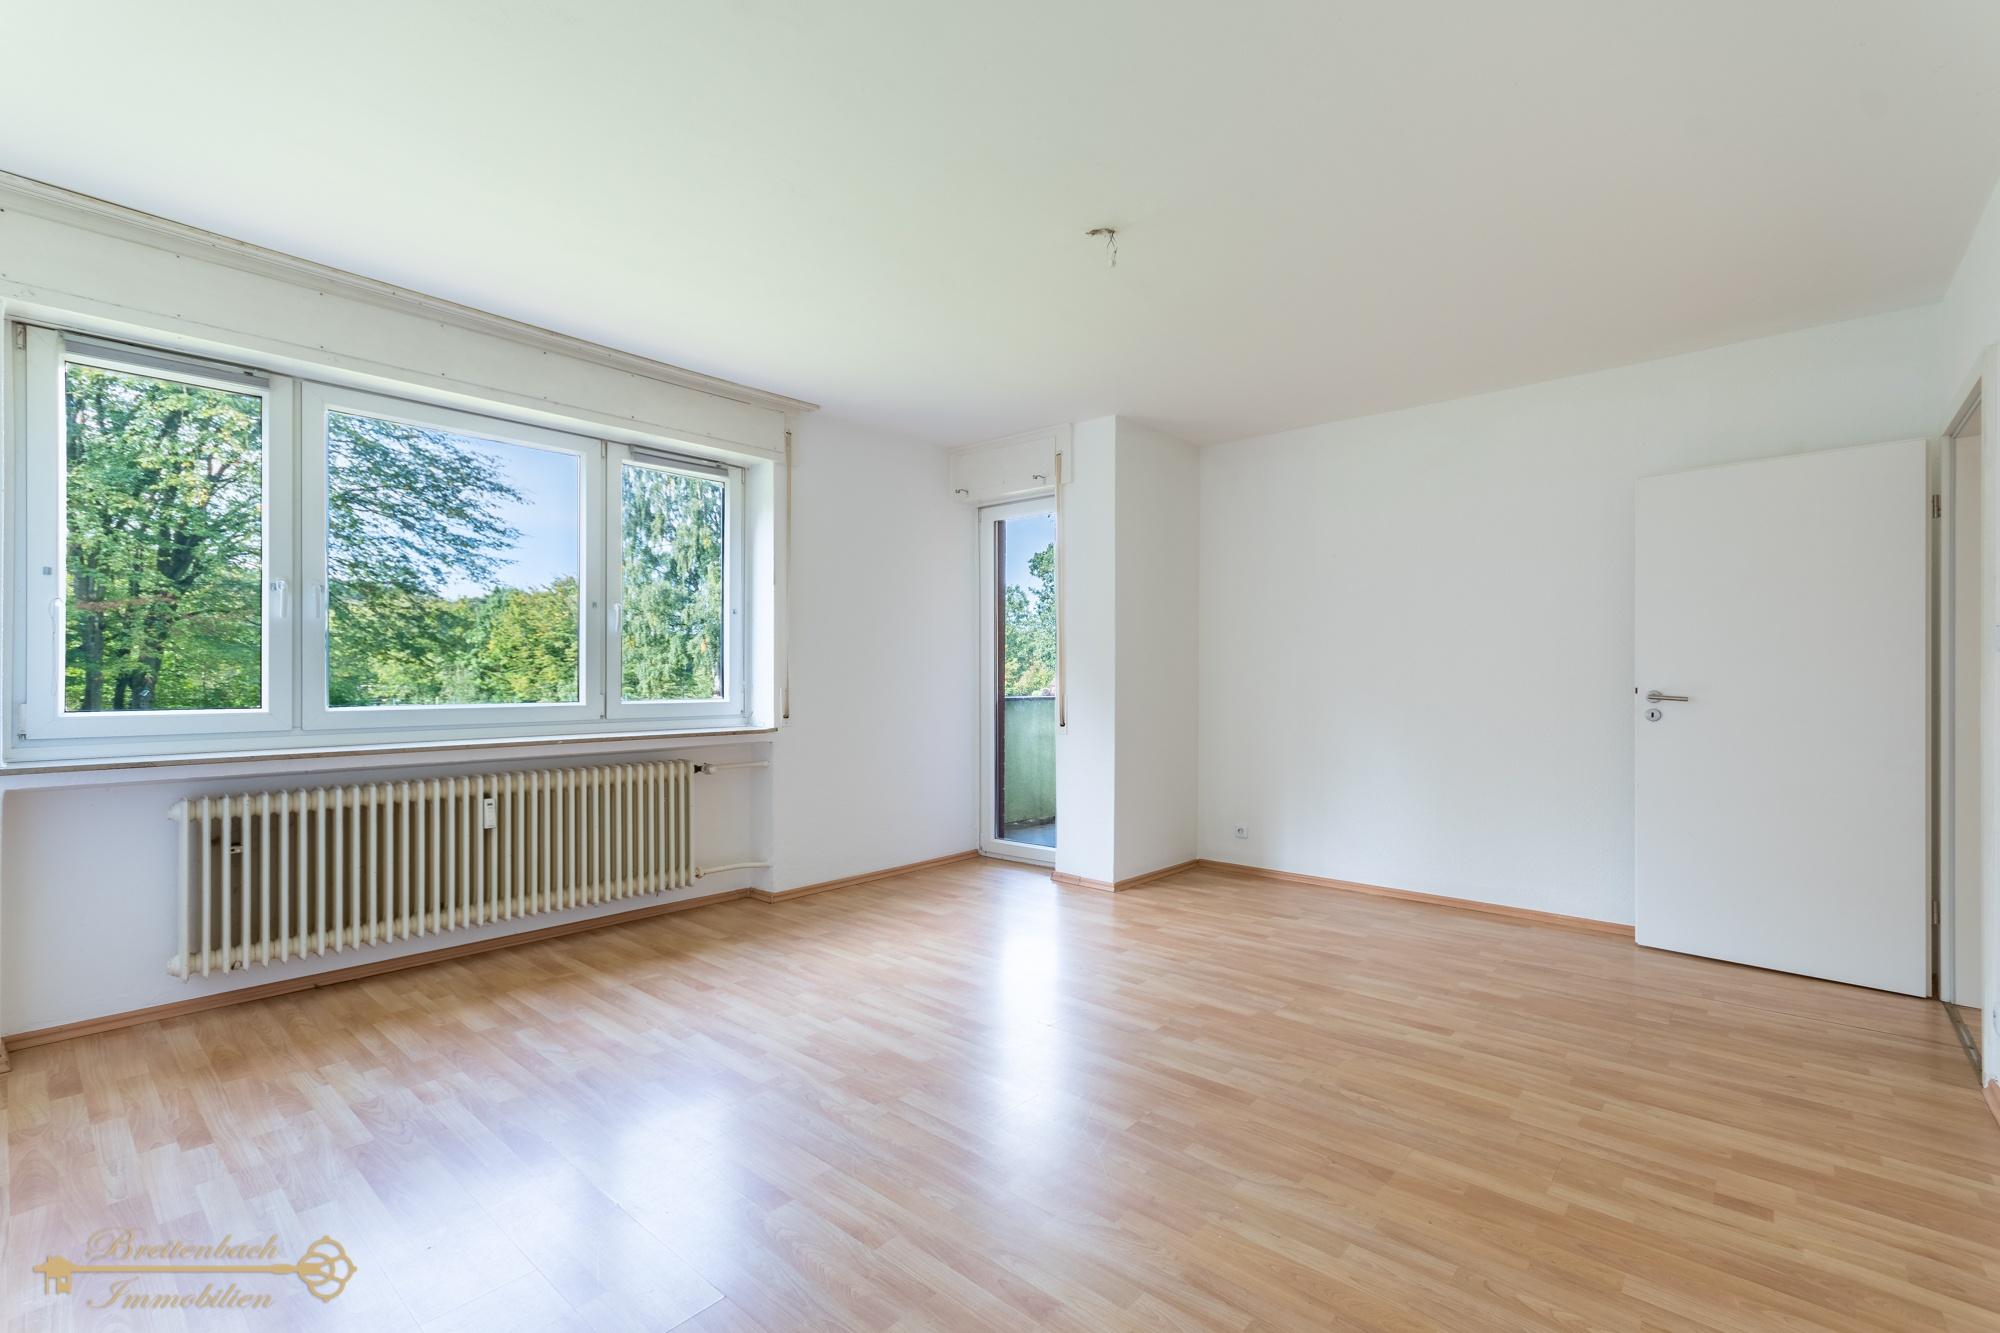 2020-09-26-Breitenbach-Immobilien-14